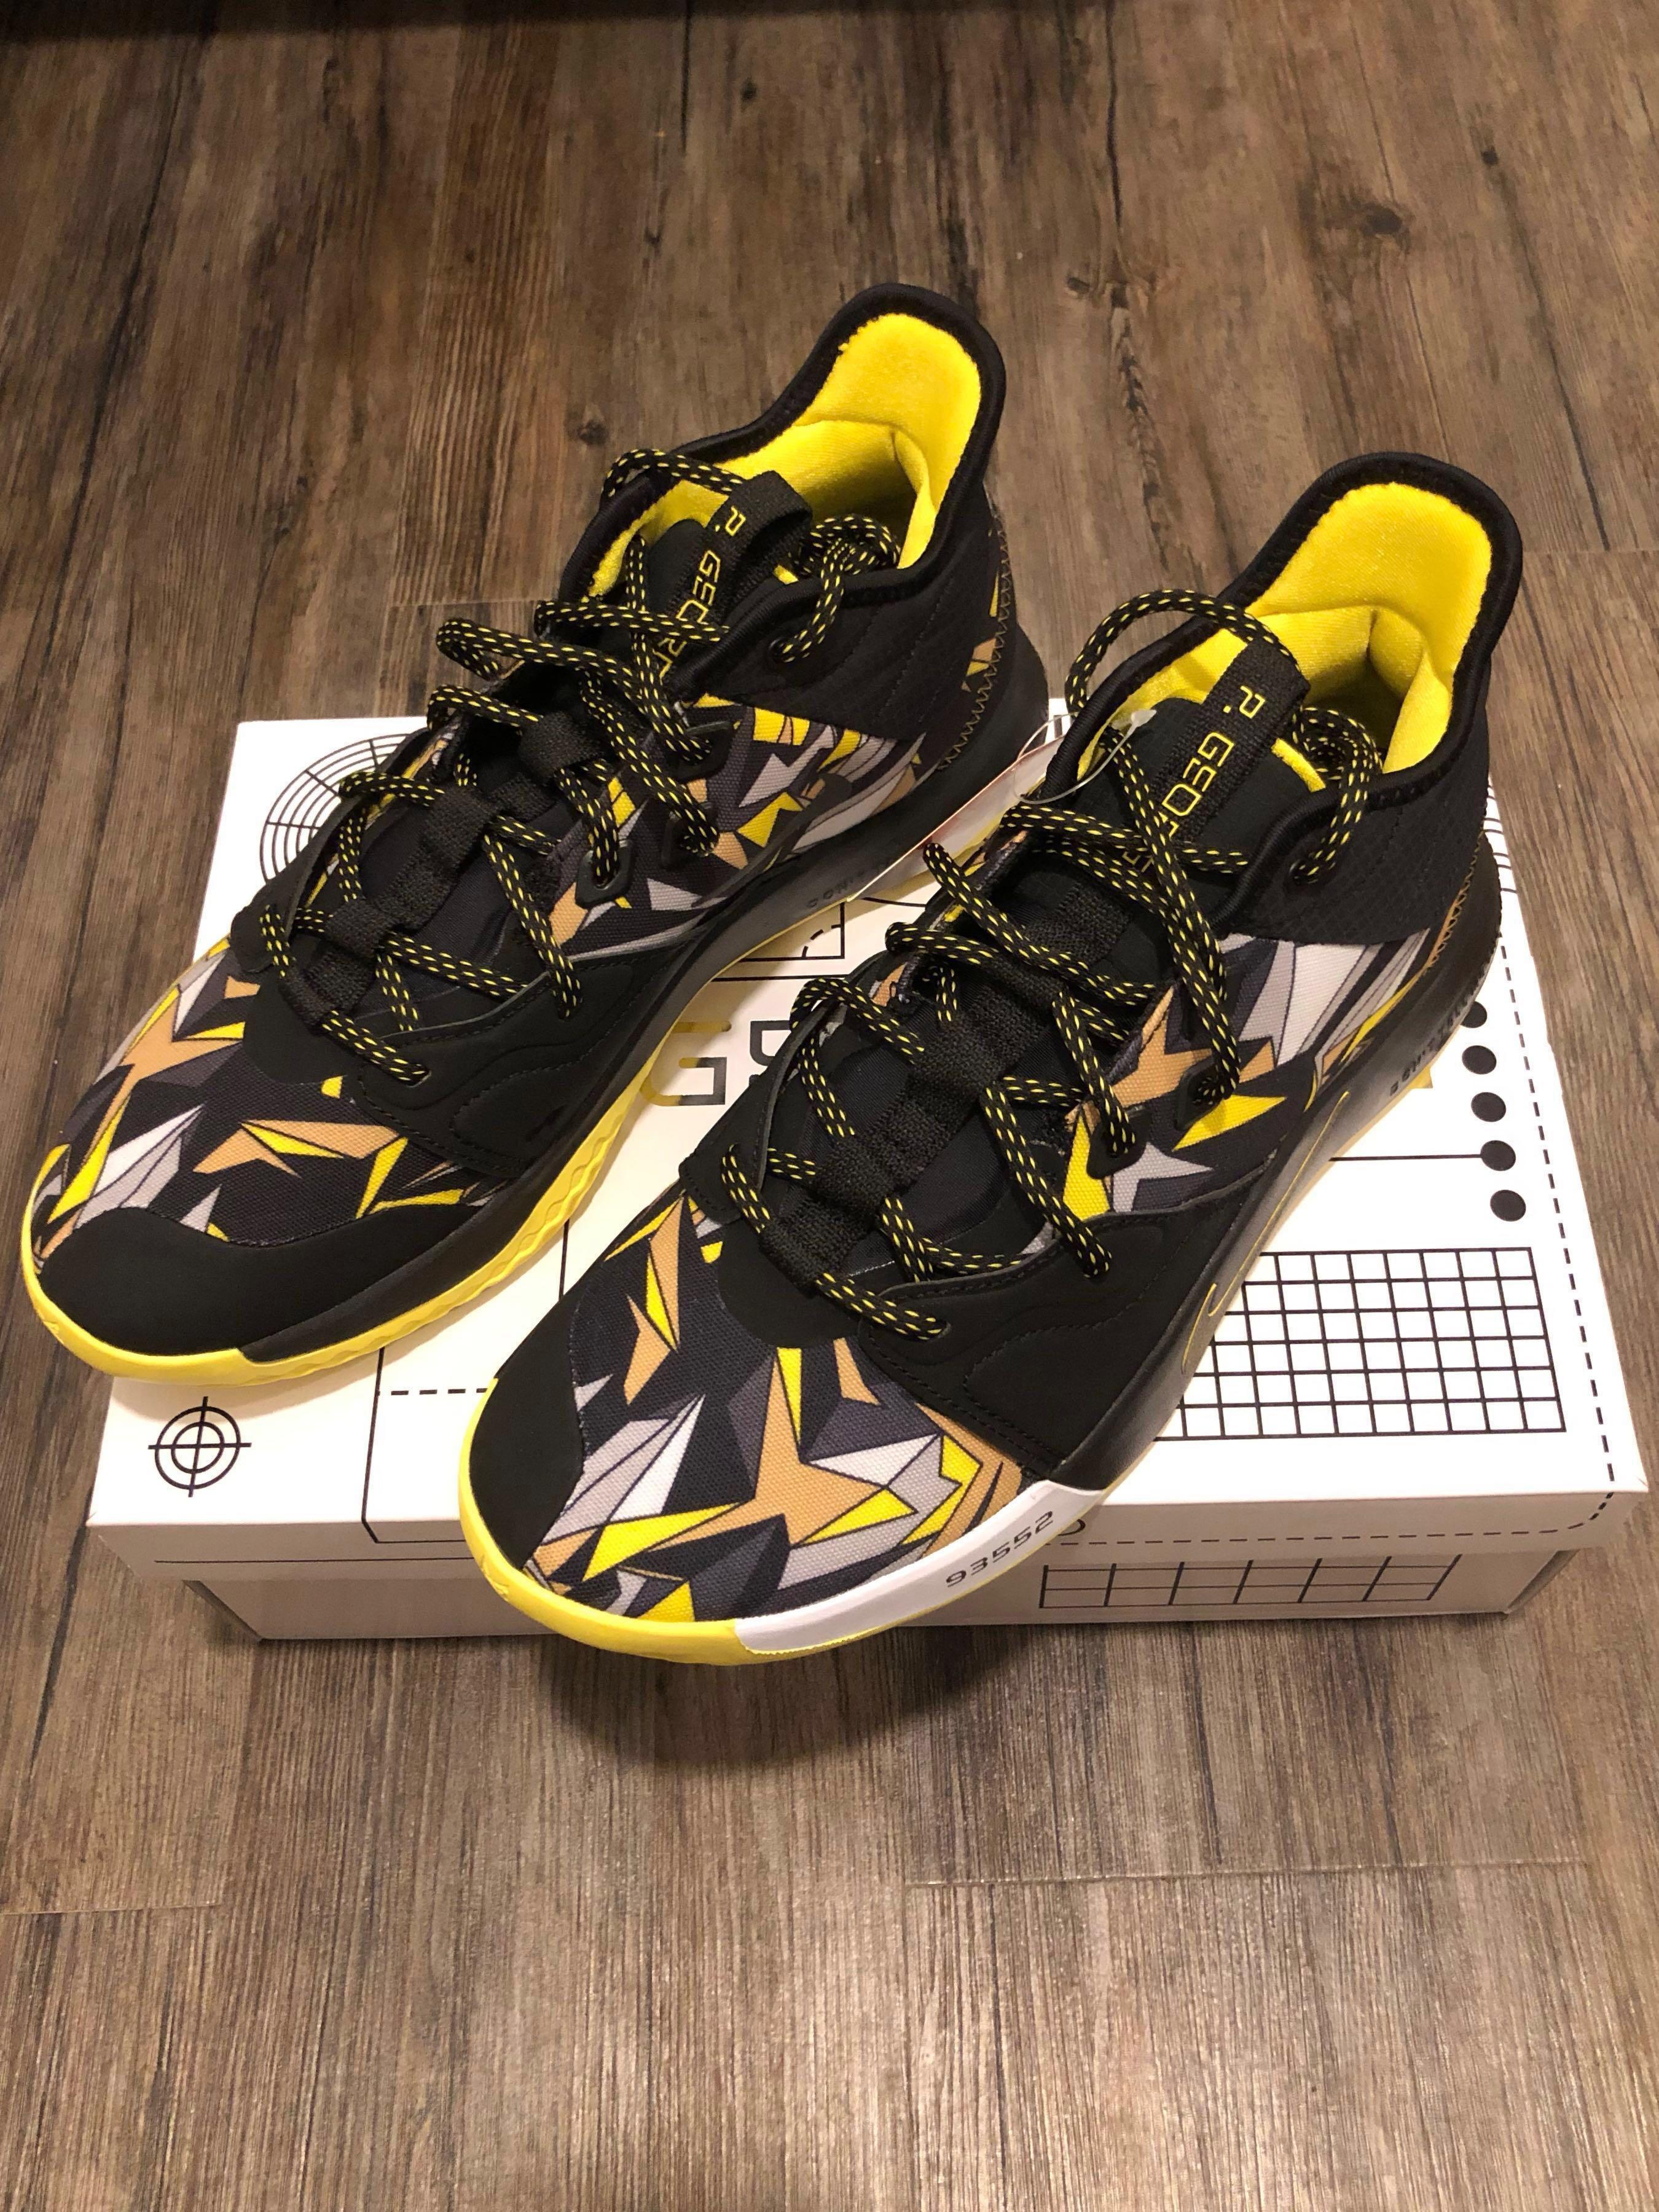 best cheap 18f75 02361 Nike PG 3 Mamba Mentality, Men's Fashion, Footwear, Sneakers ...